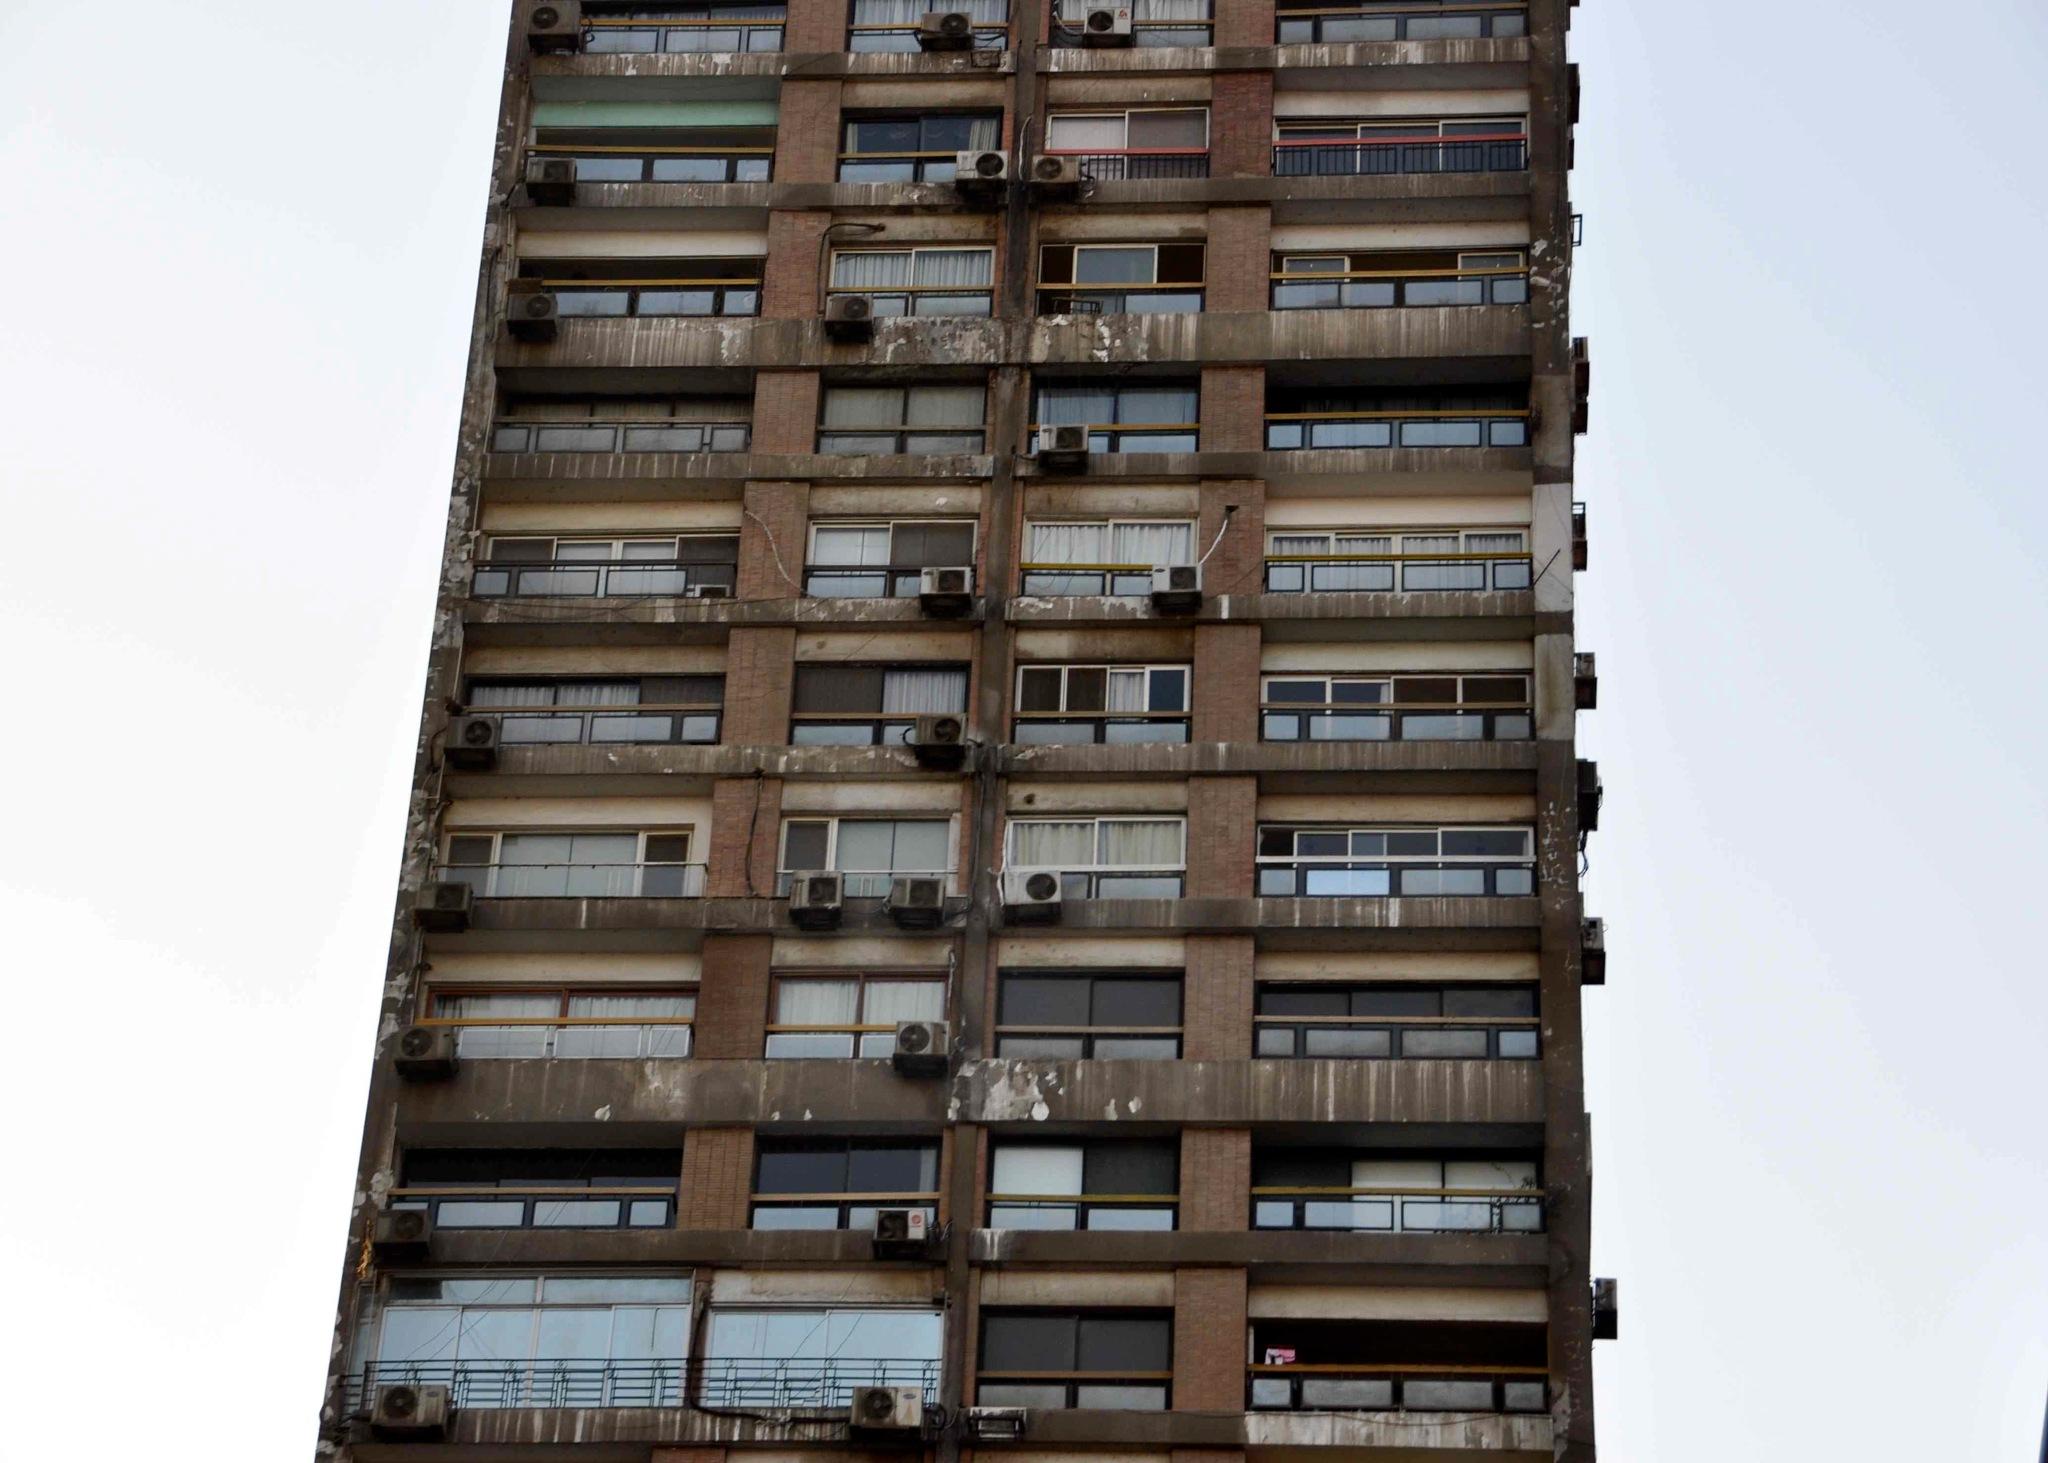 Cairo Apartments #2 by kfboland125